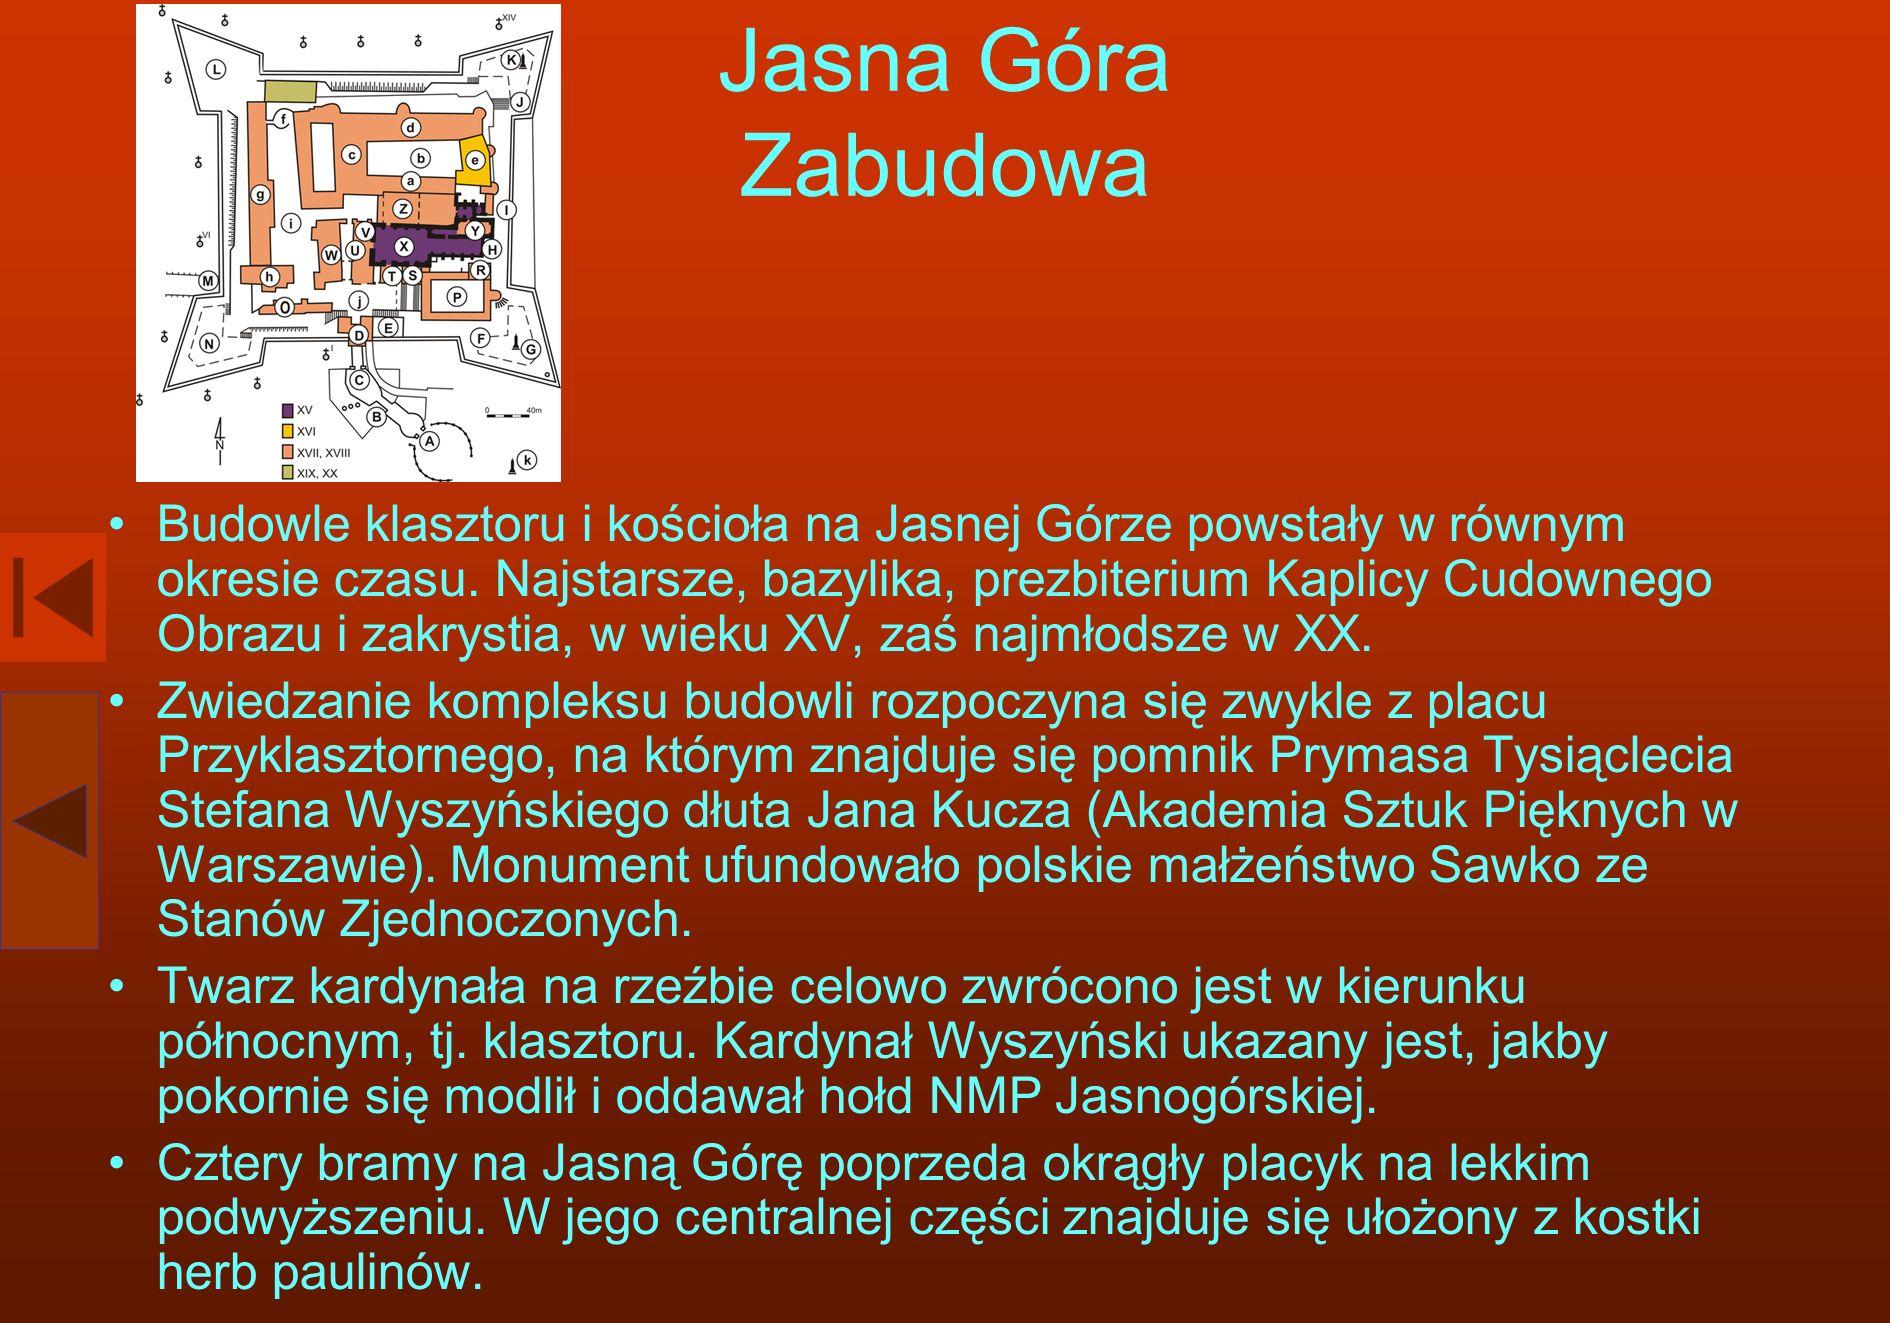 Jasna Góra Zabudowa